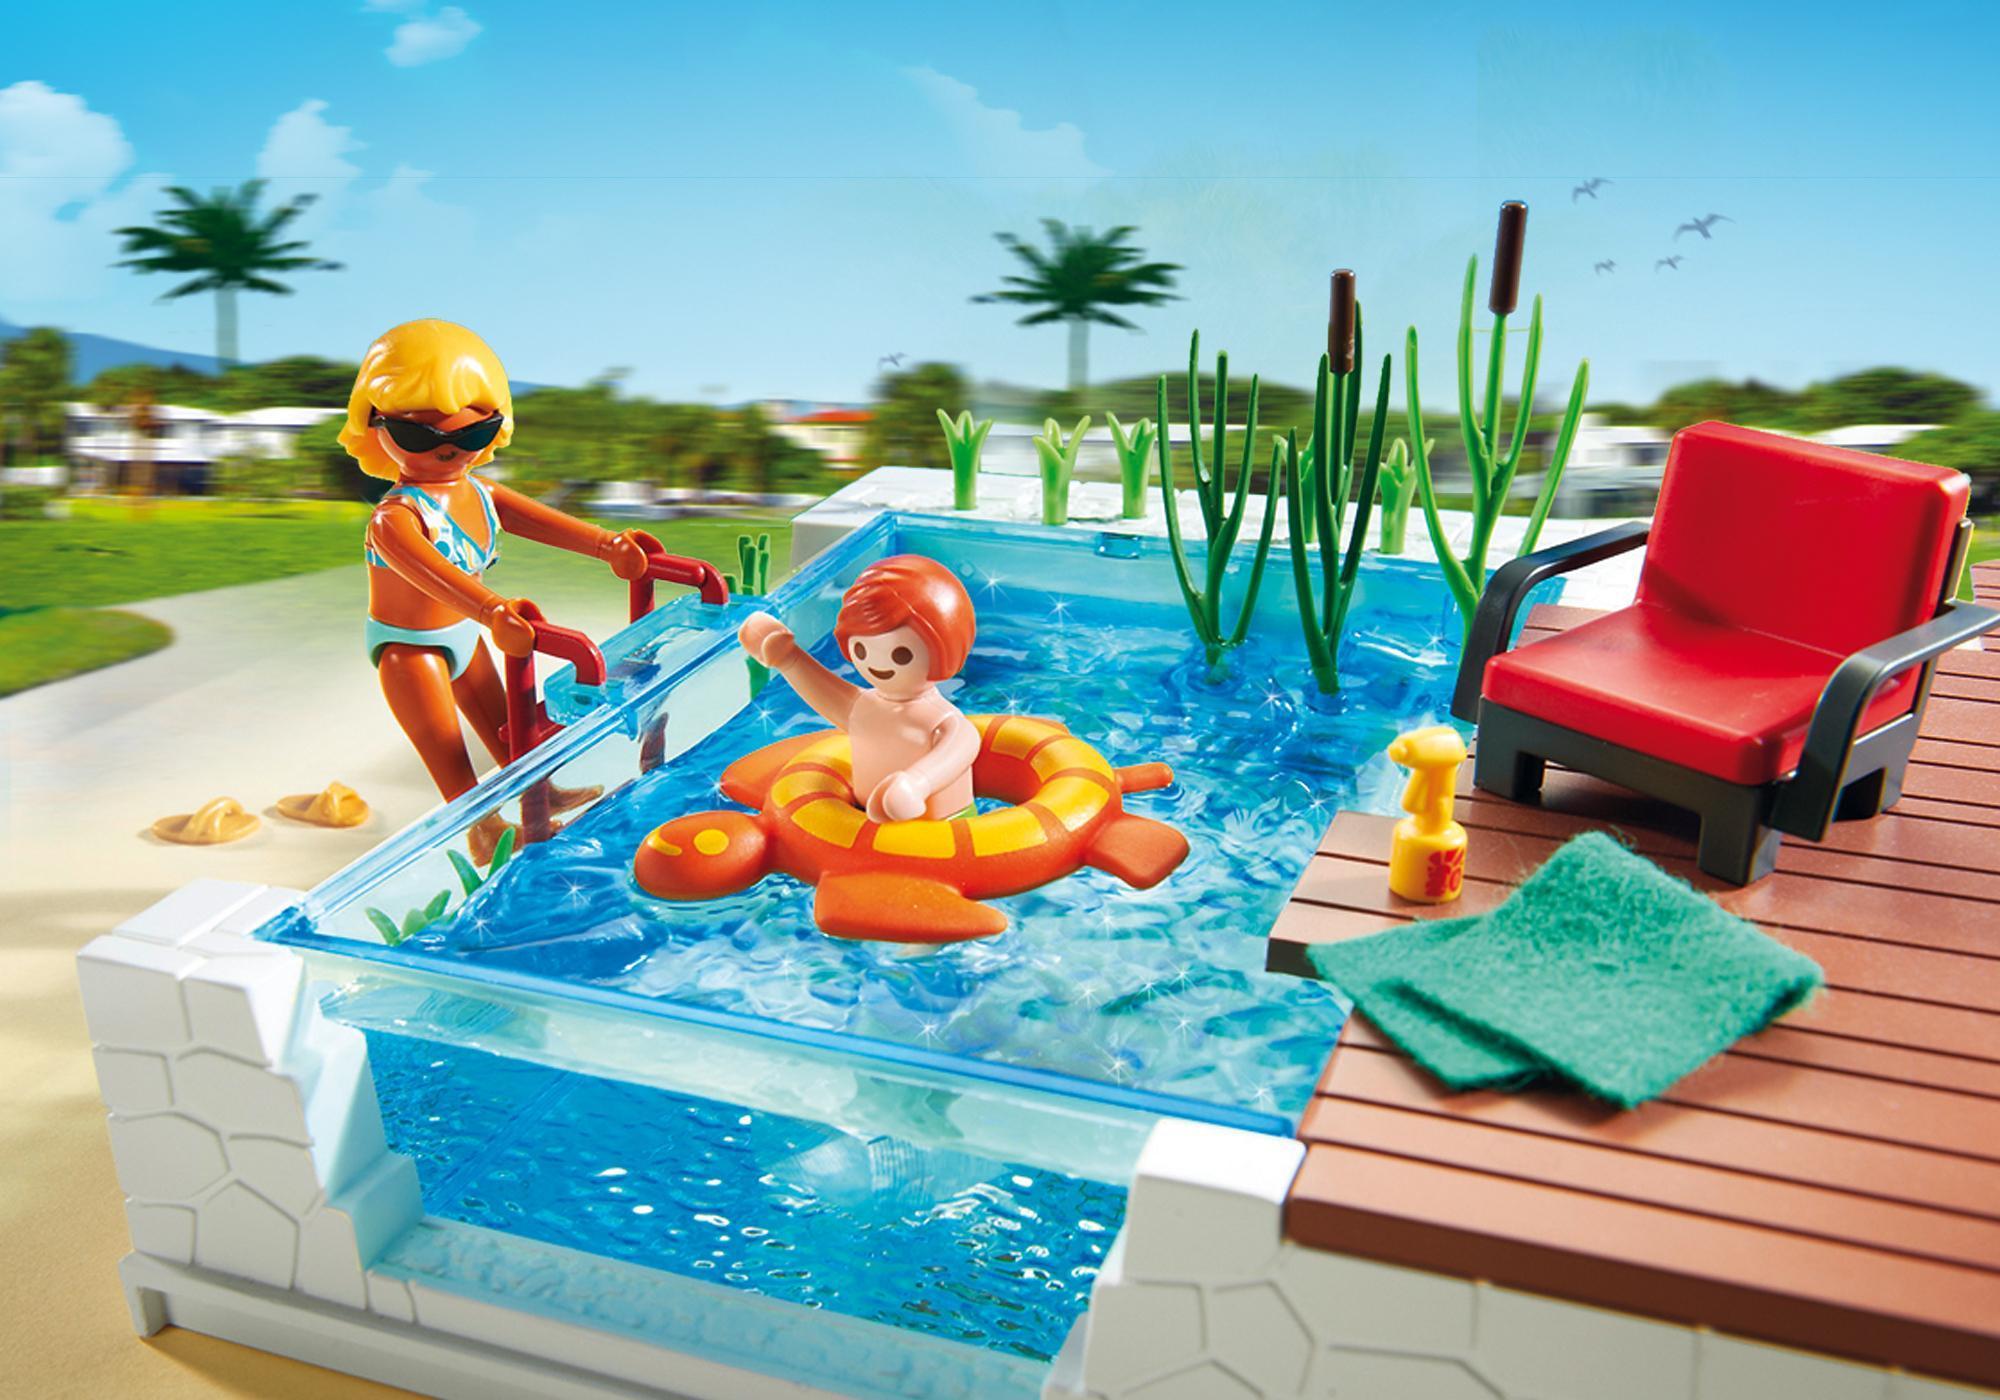 http://media.playmobil.com/i/playmobil/5575_product_extra1/Piscina con Terraza